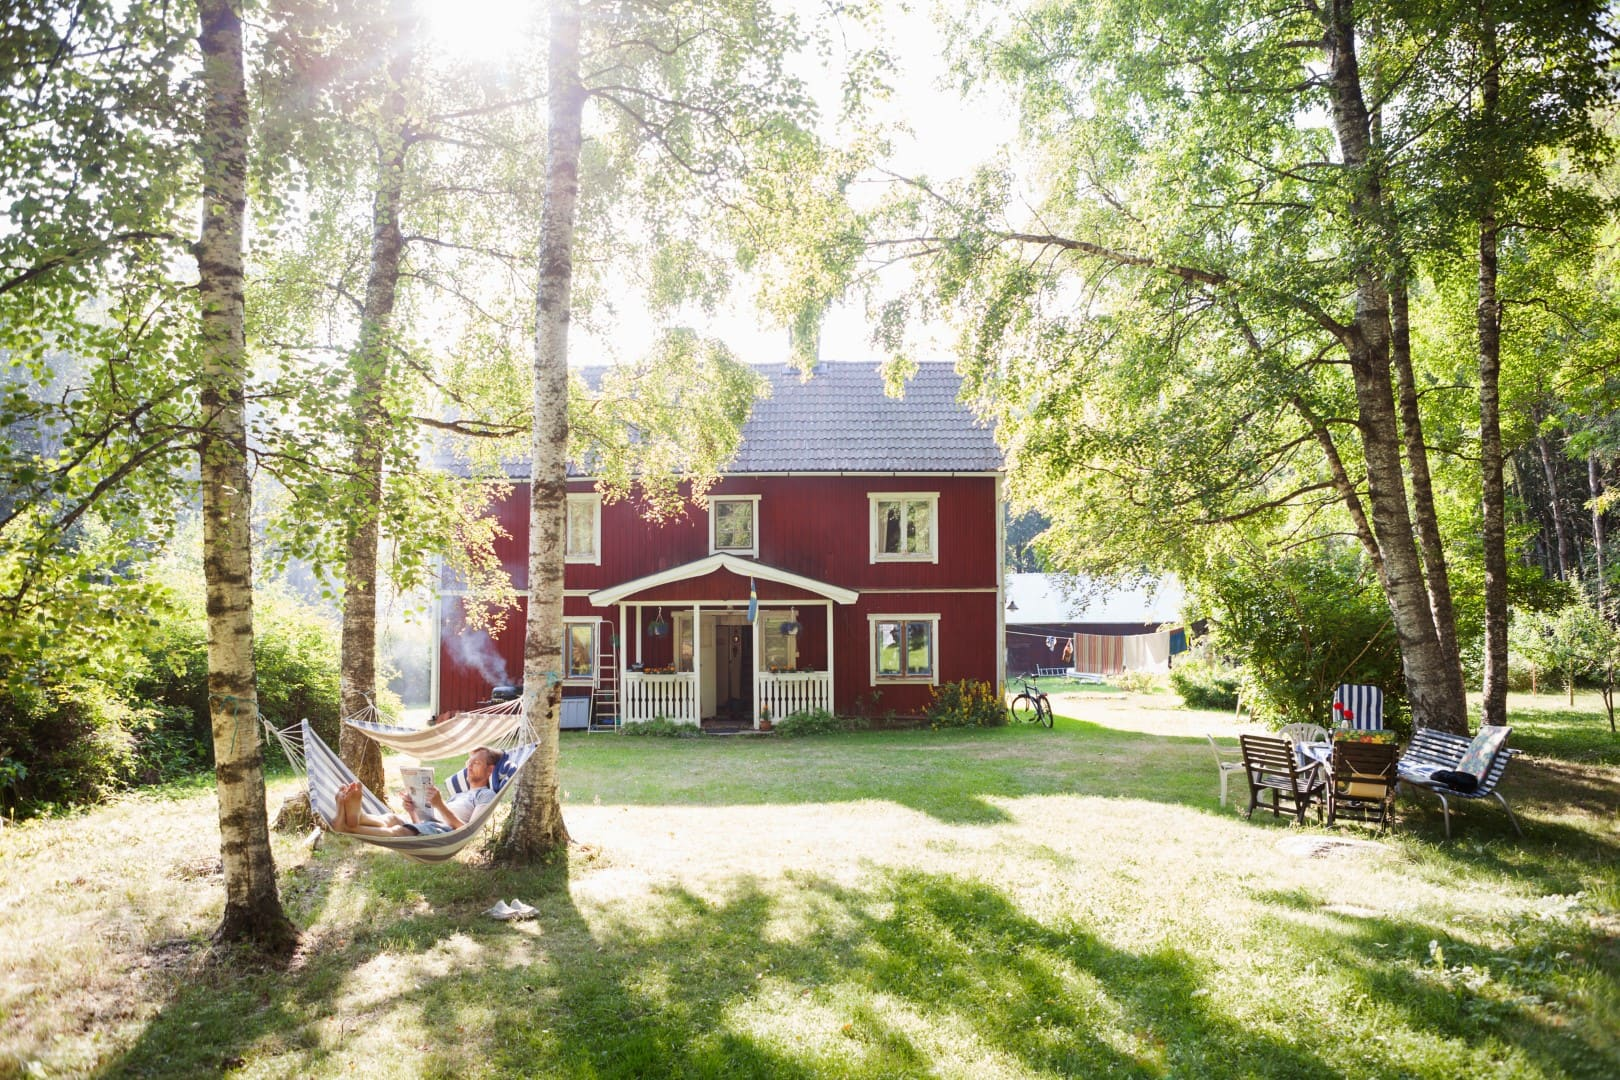 Mit Kindern nach Schweden reisen: typisches rotes Schwedenhäuschen als Ferienhaus // HIMBEER